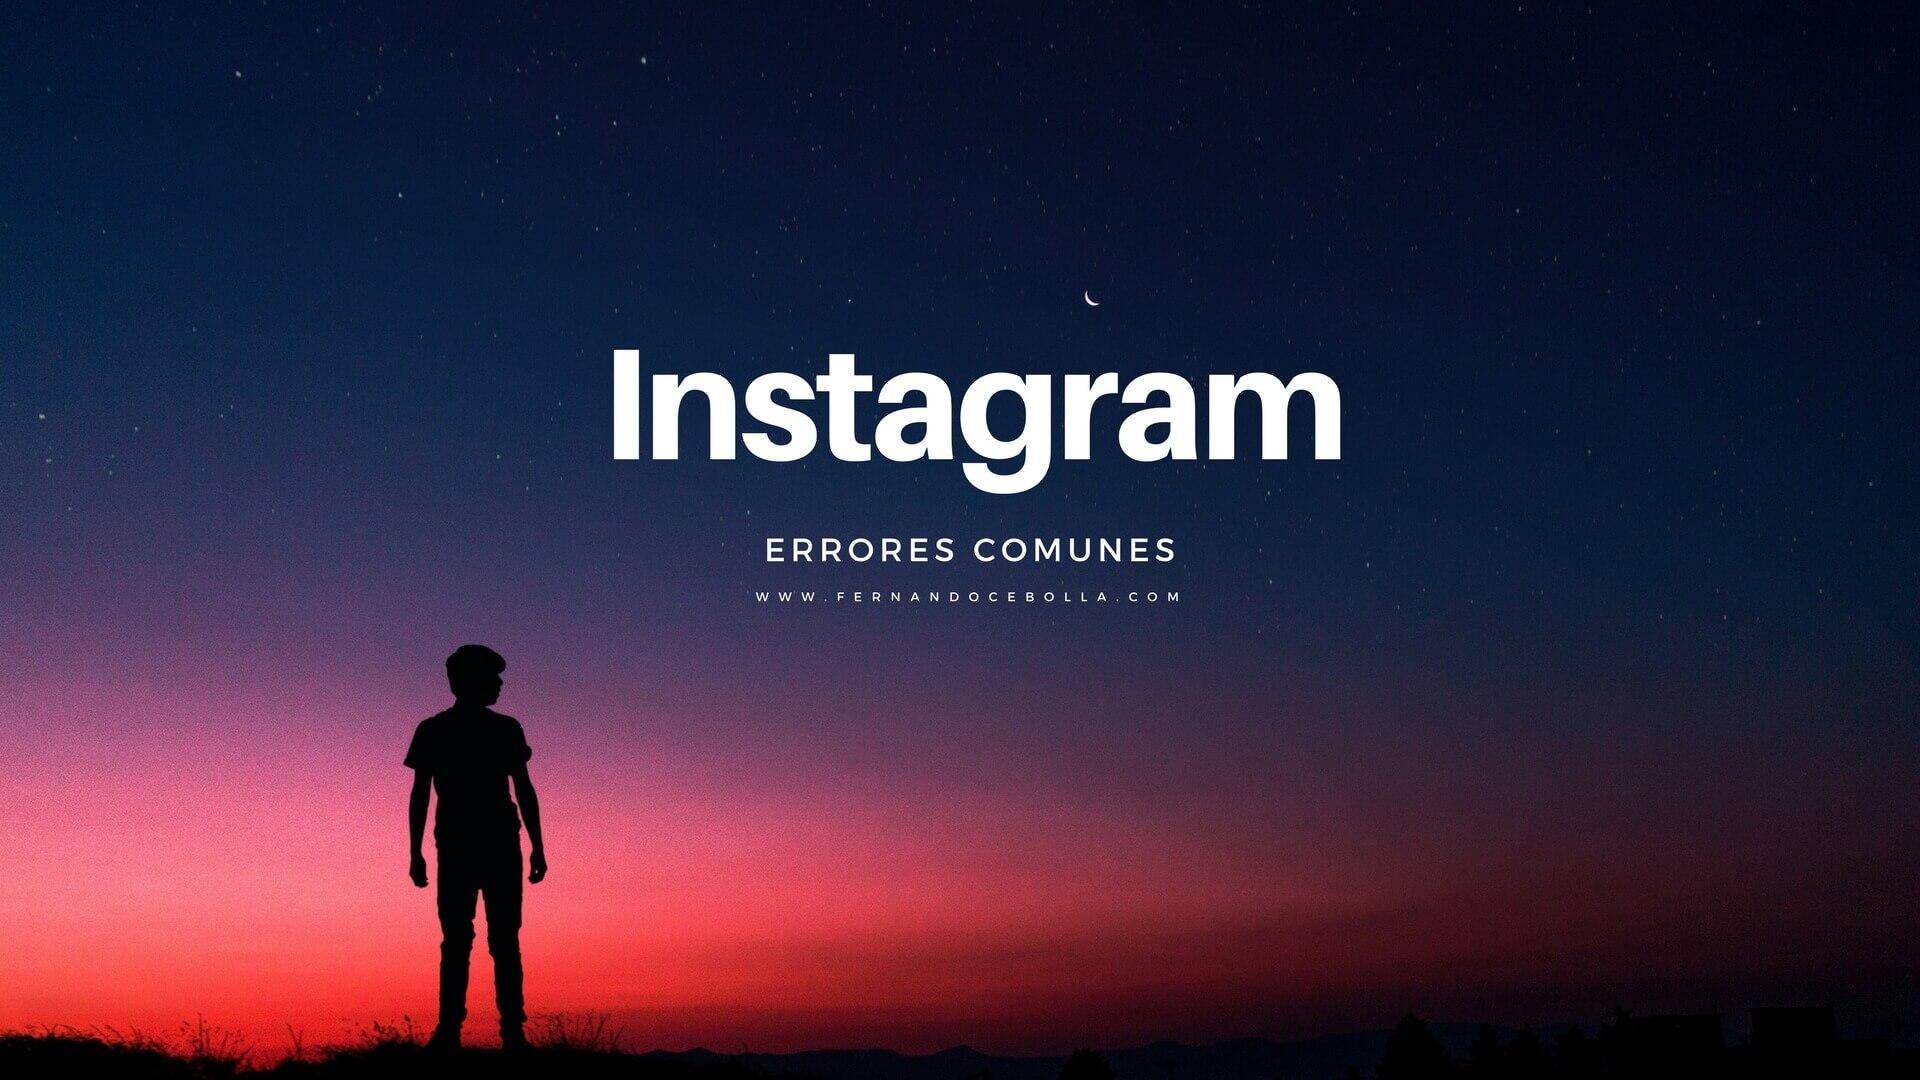 Errores comunes en Instagram y cómo solucionarlos